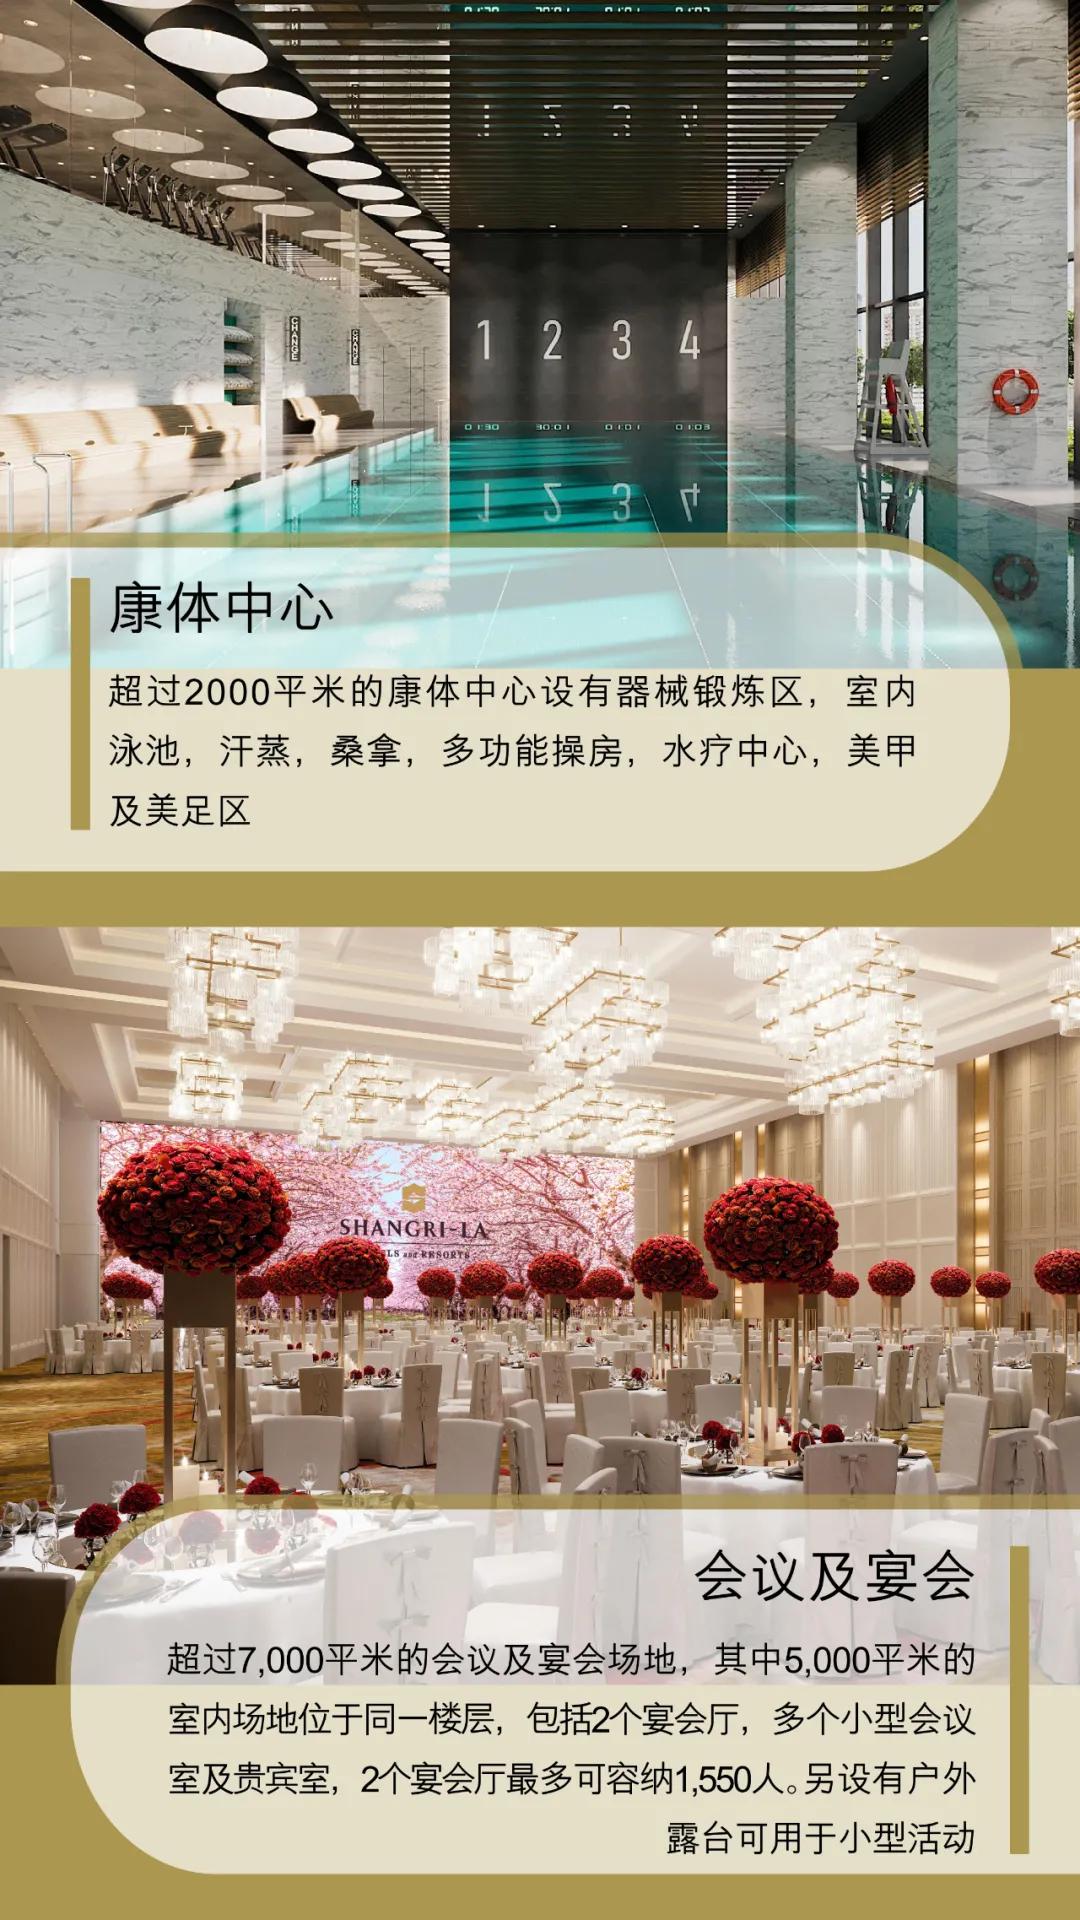 太古里旁,上海前滩香格里拉酒店预计今秋开业